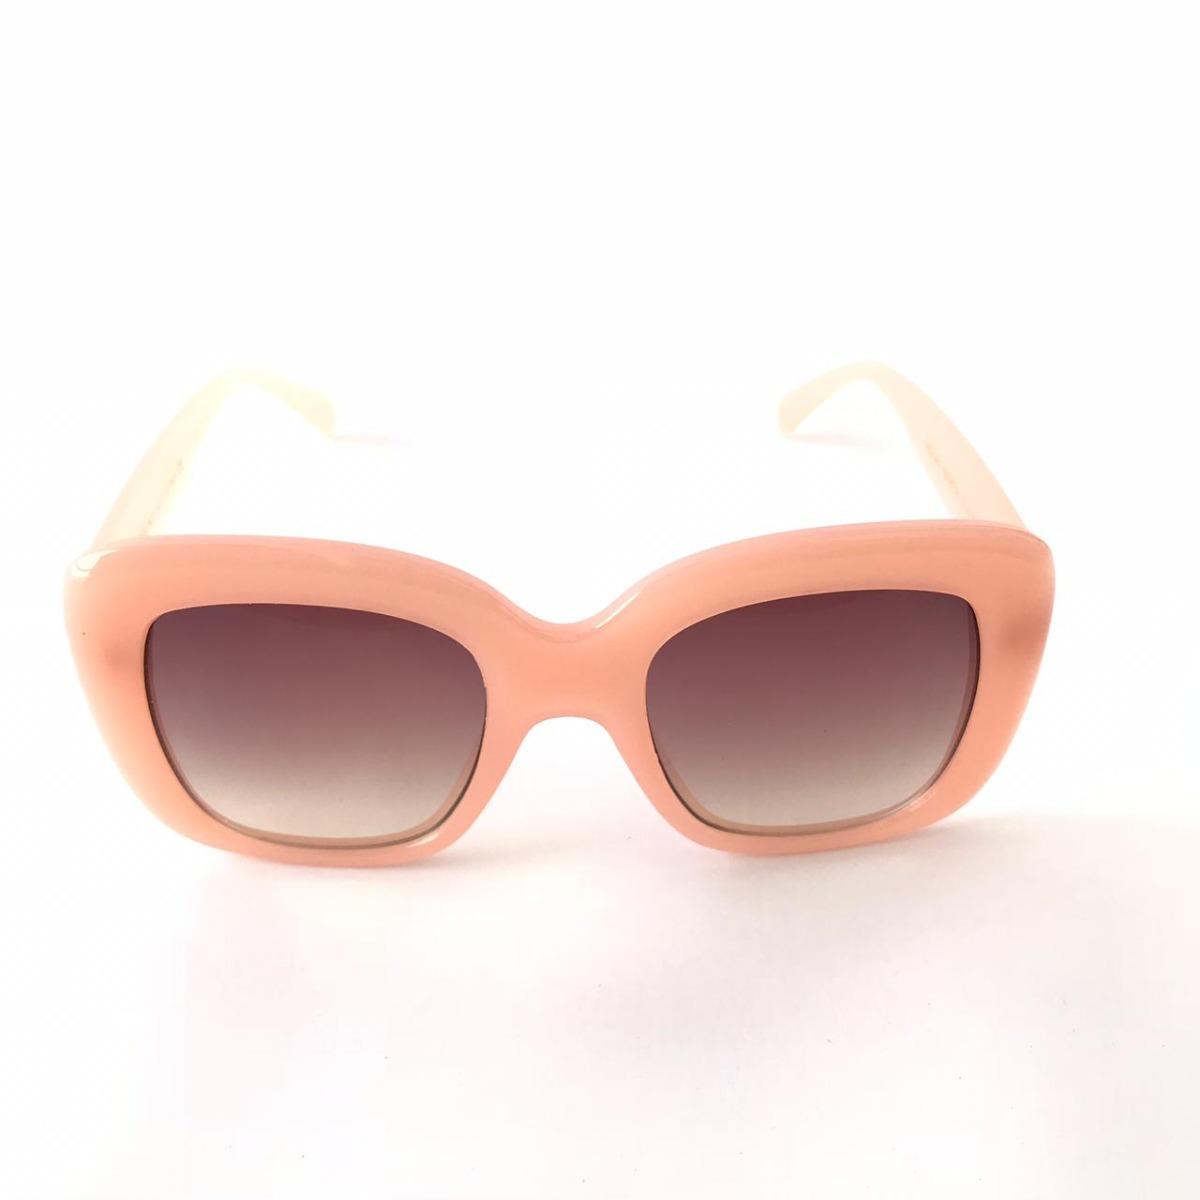 92fb719b1 Óculos De Sol Feminino Quadrado Retangular Mascara Promoção - R$ 120,00 em  Mercado Livre